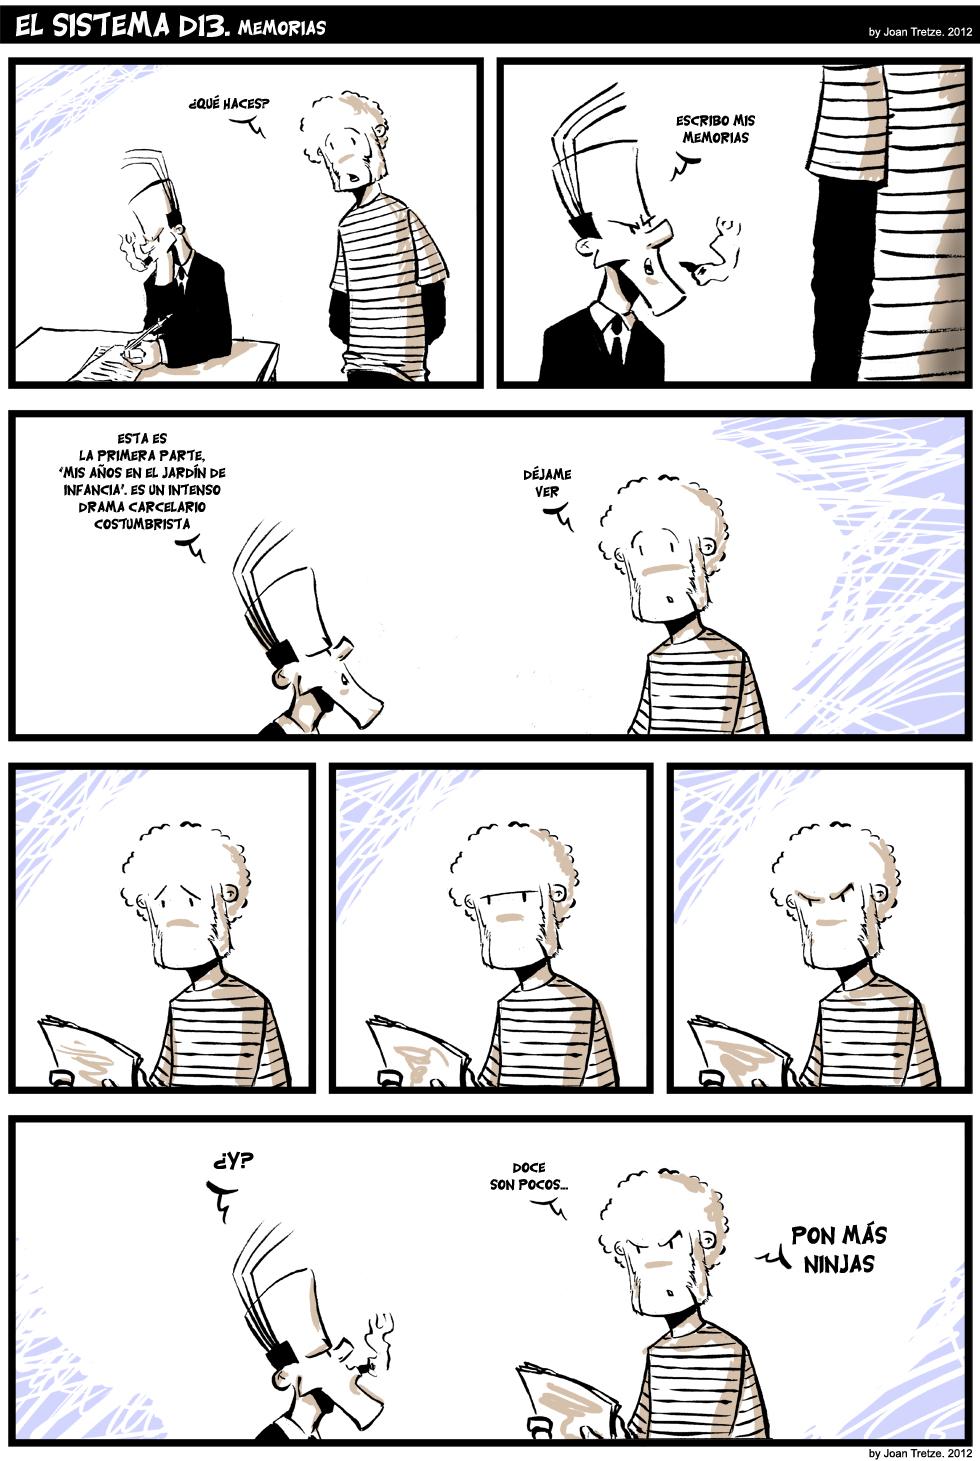 366. Memorias